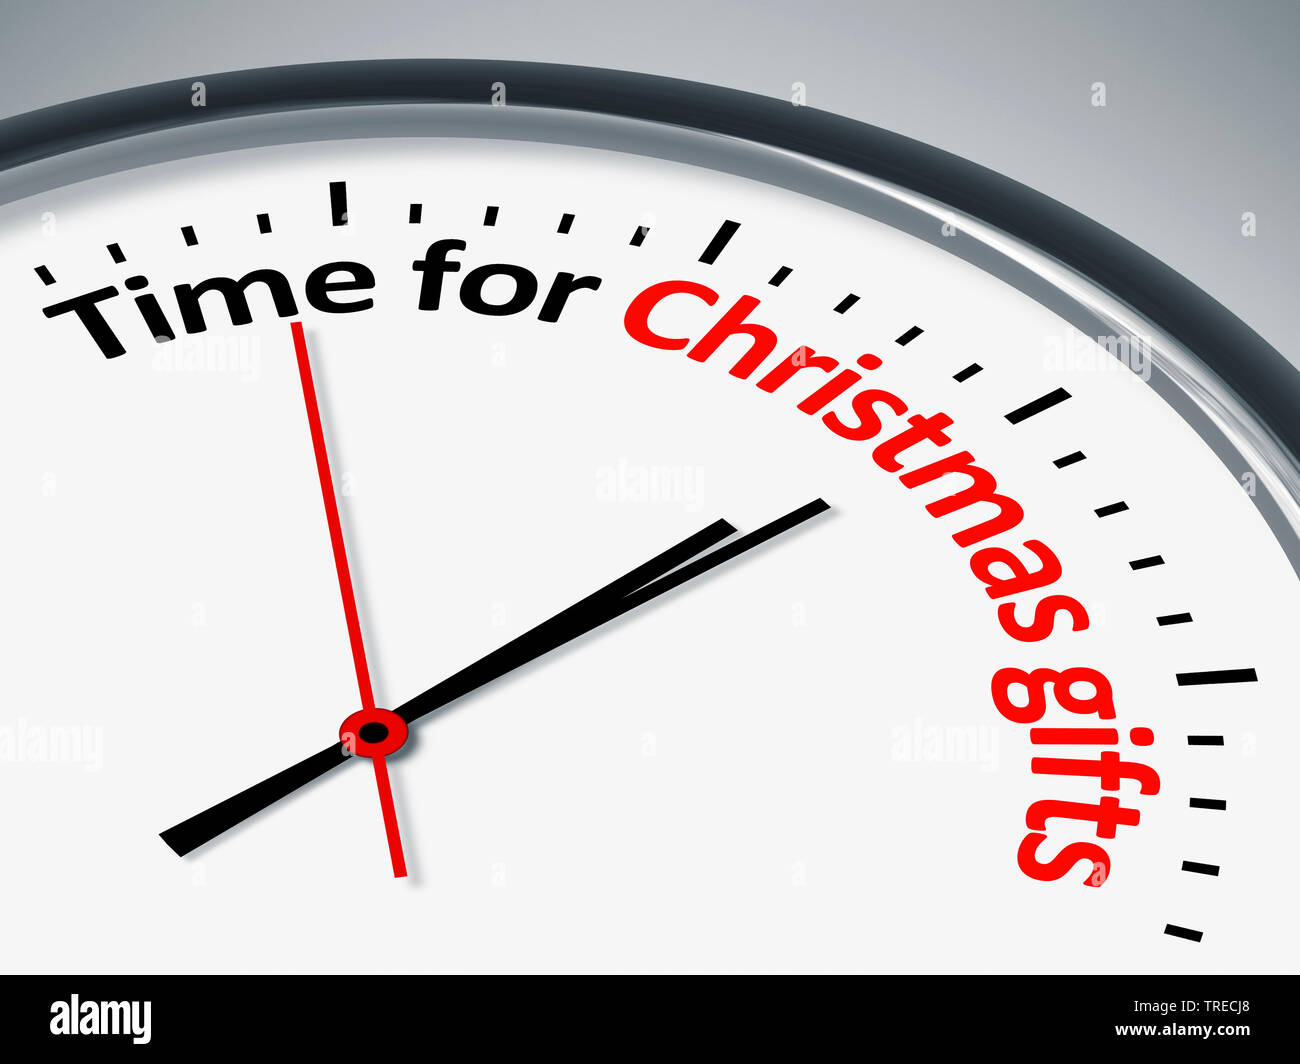 3D-Computergrafik, Uhr mit Aufschrift TIME FOR CHRISTMAS GIFTS (Zeit fuer Weihnachtsgeschenke)   3D computer graphic, clock lettering TIME FOR CHRISTM - Stock Image